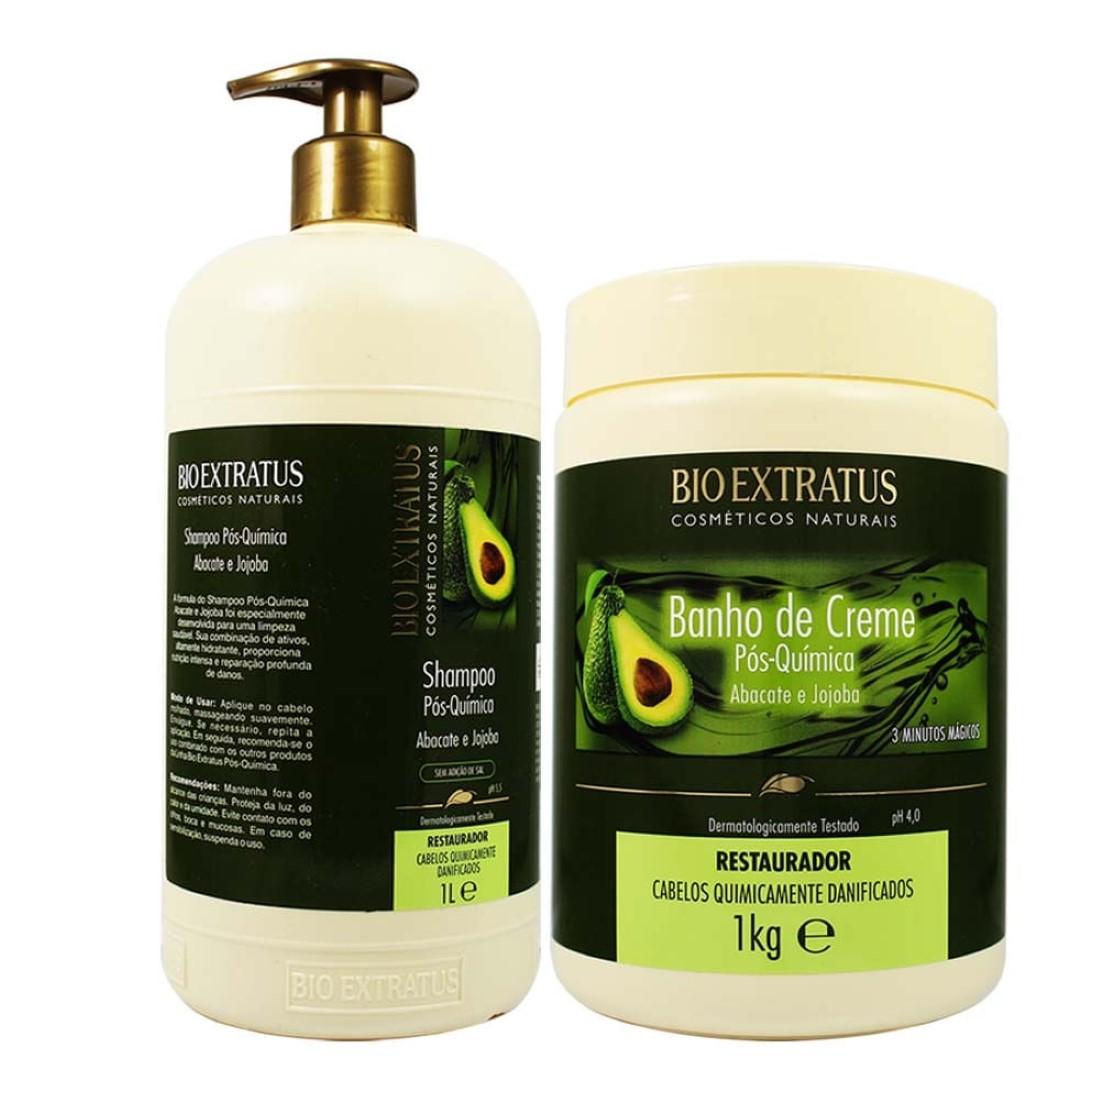 Kit Shampoo e  Banho de Creme Pós Química Abacate e  Jojoba 1kg  - Bio Extratus